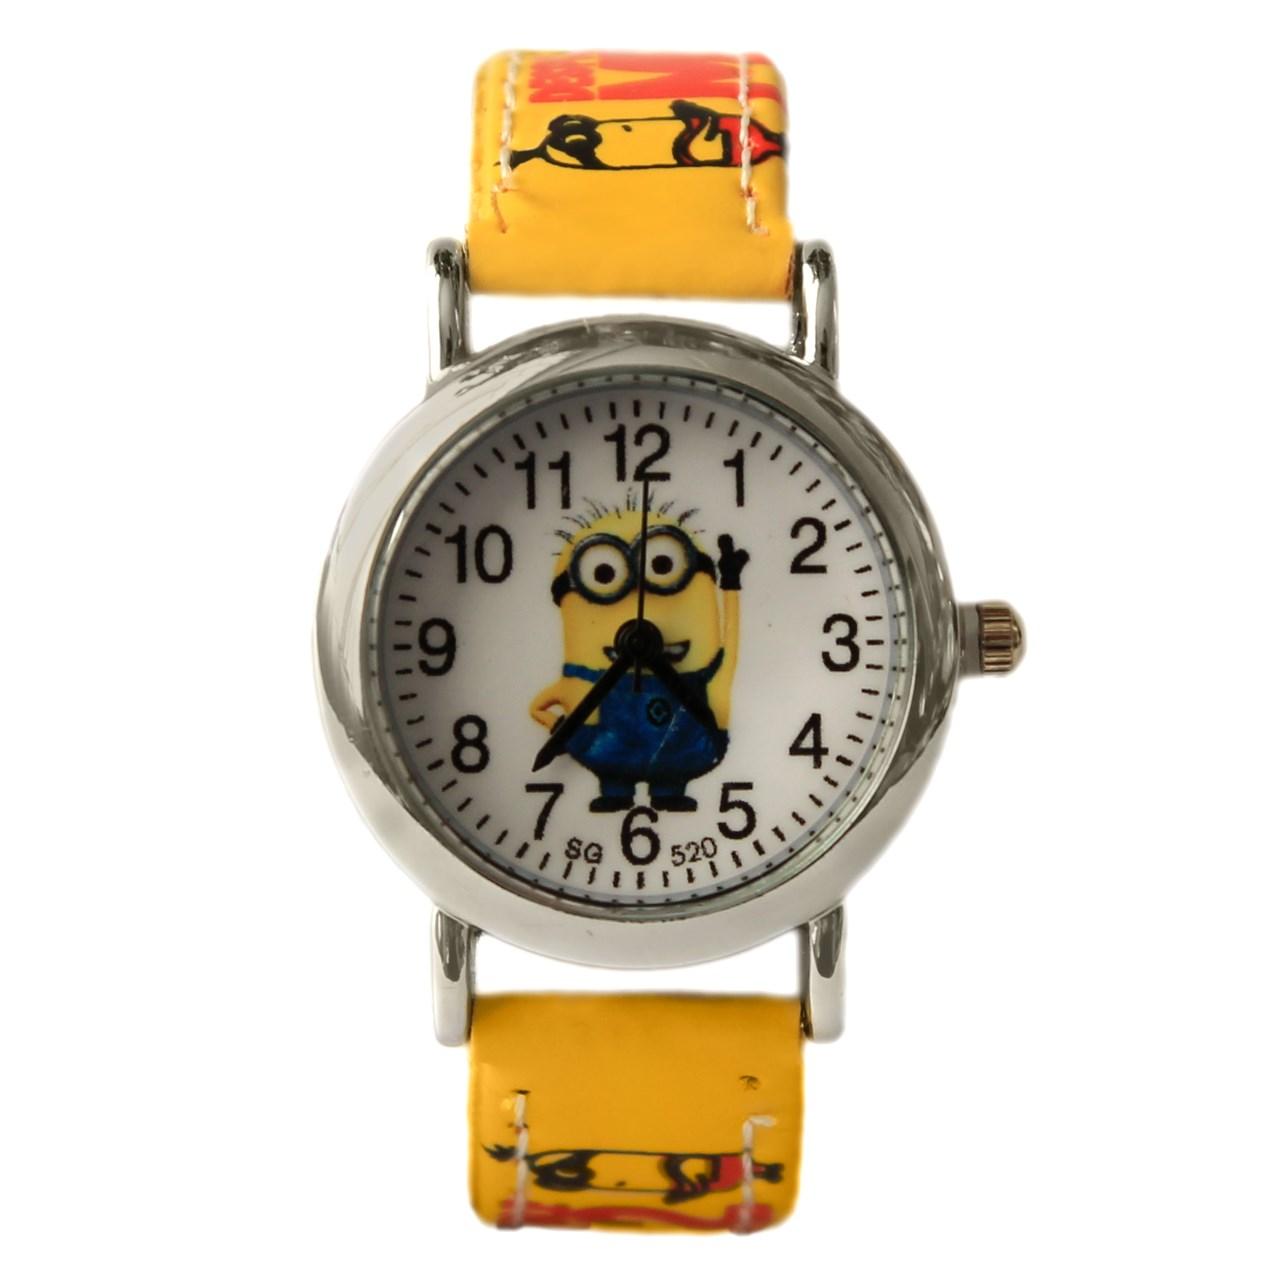 ساعت مچی عقربه ای بچگانه مدل Minion 42